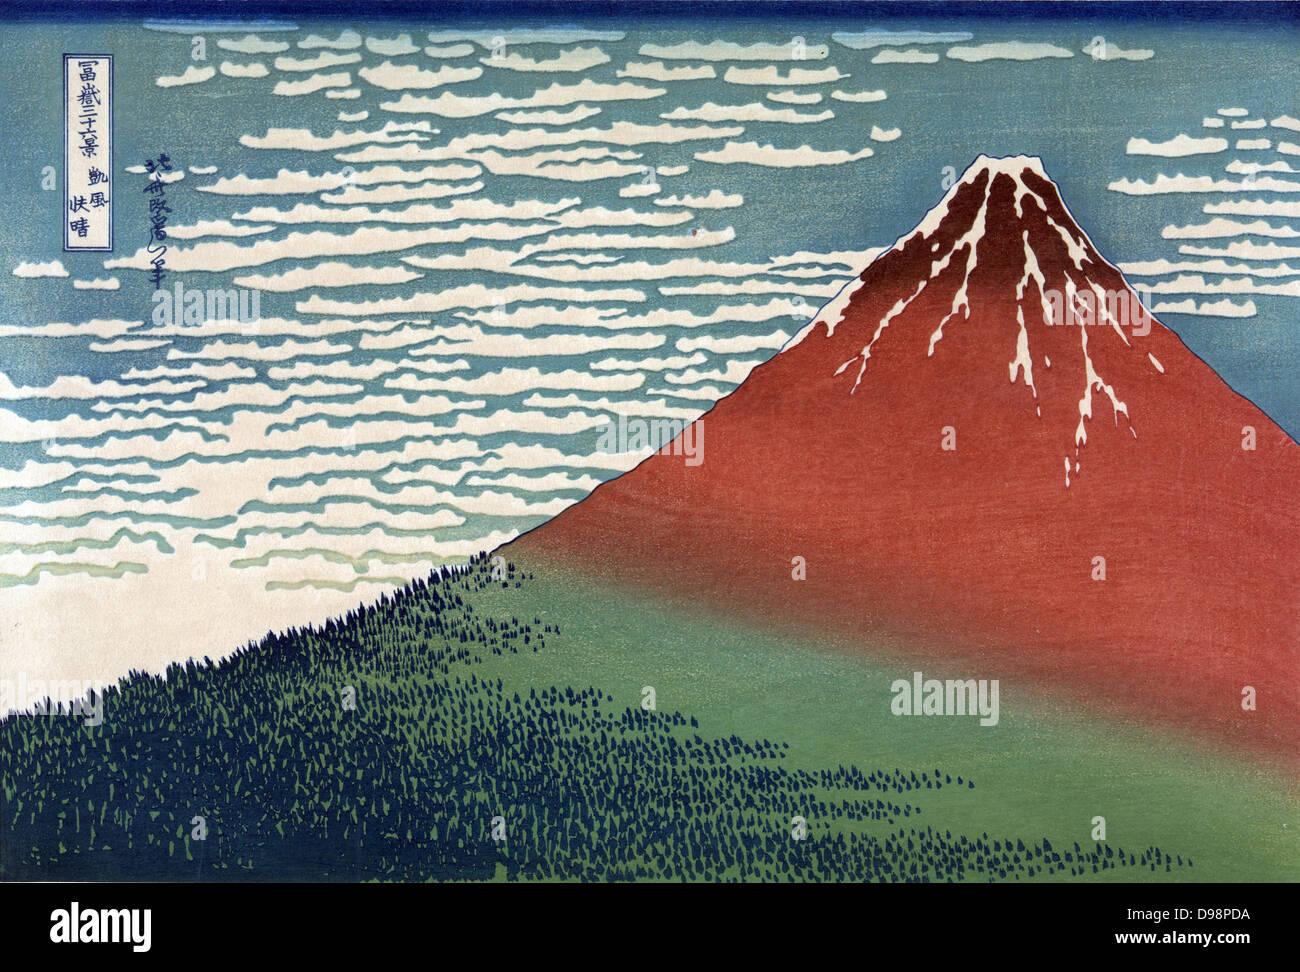 Mount Fuji in a Clear Dawn. From 'Thirty-six Views of Mount Fuji', c1831. Katsushika Hokusai (1760-1849) - Stock Image